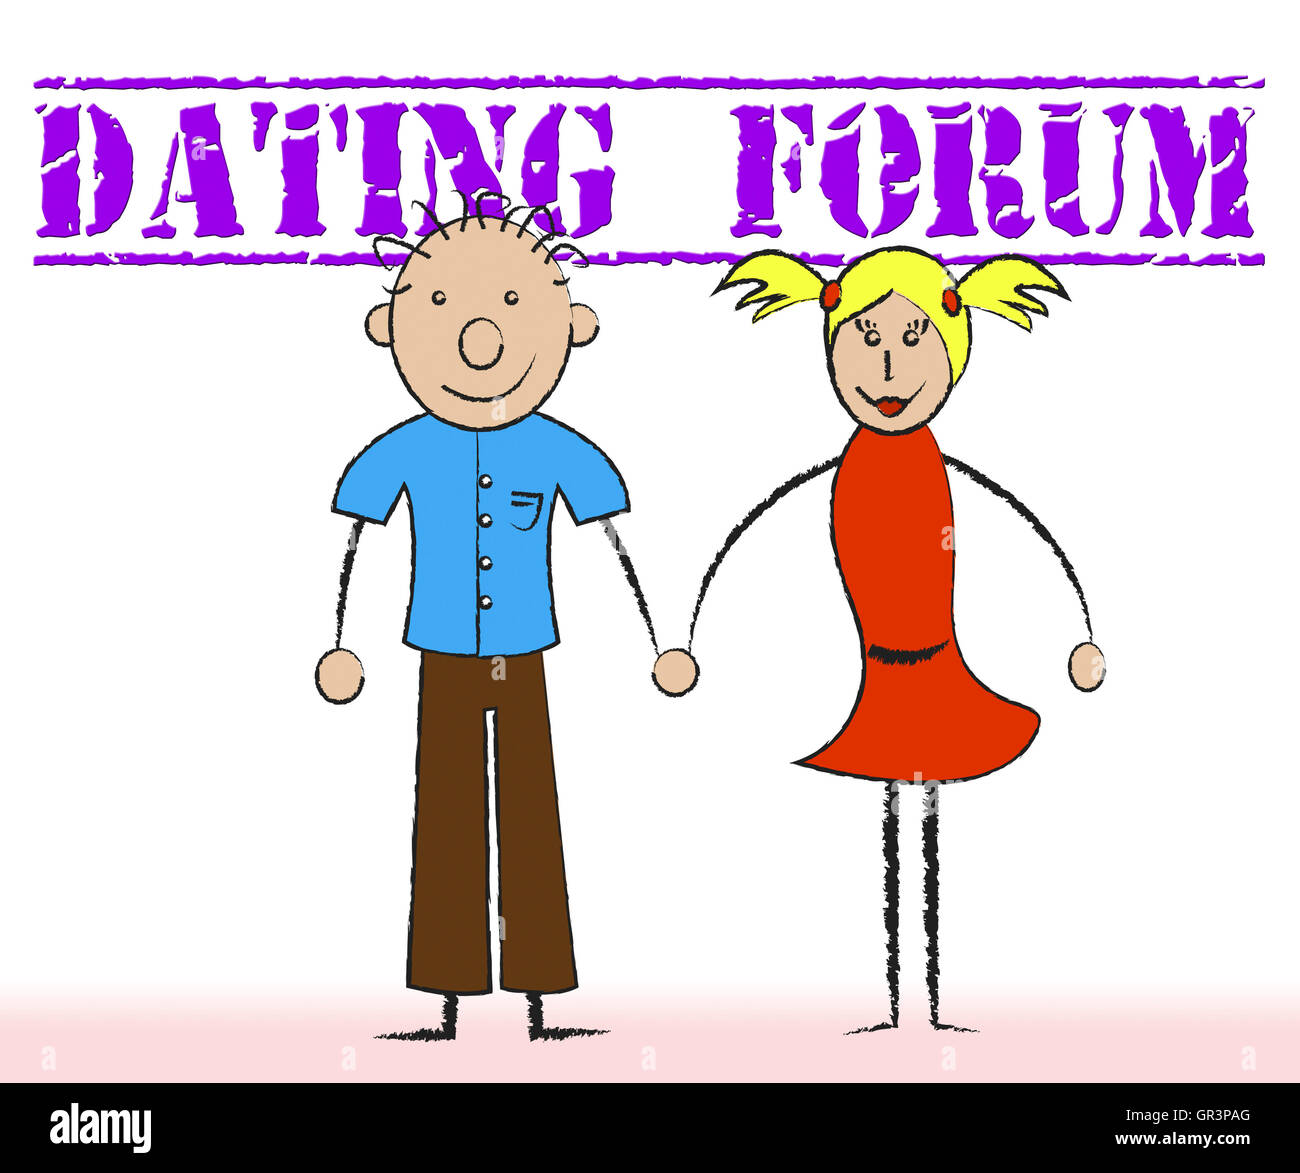 mambaonline dating